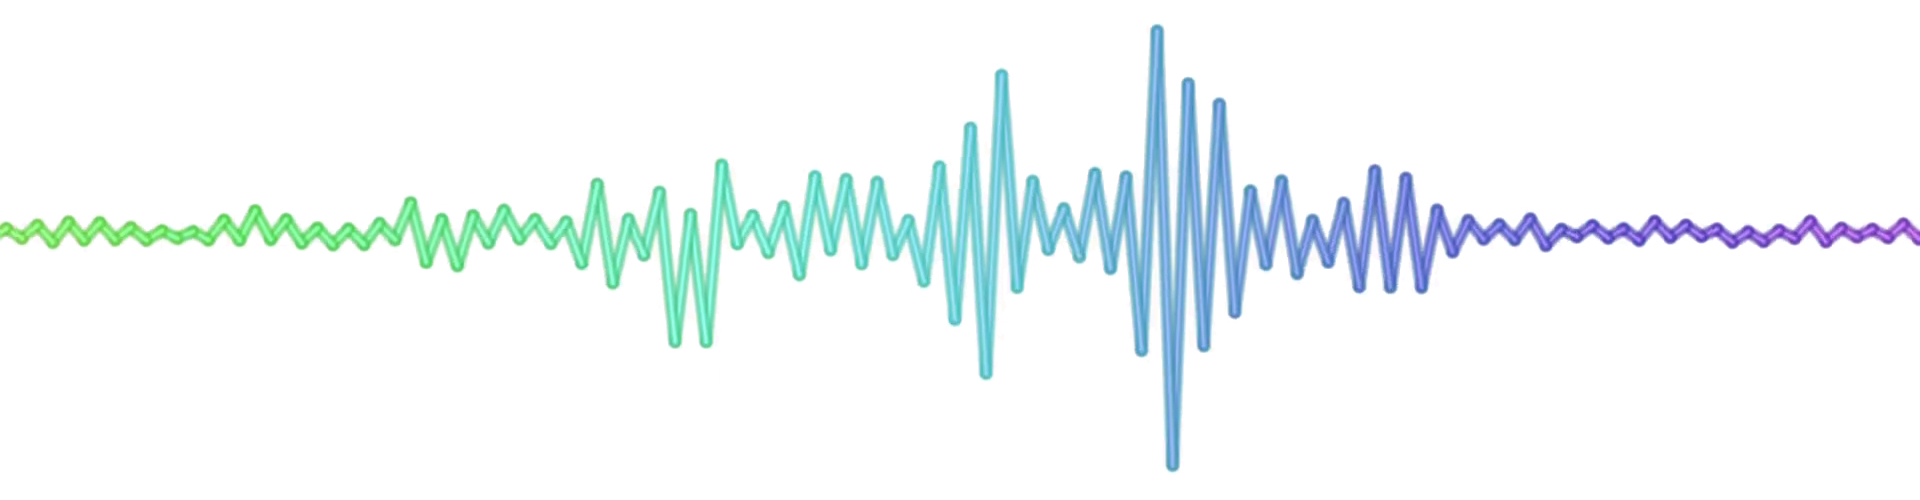 635261844-sound-waves_left.png